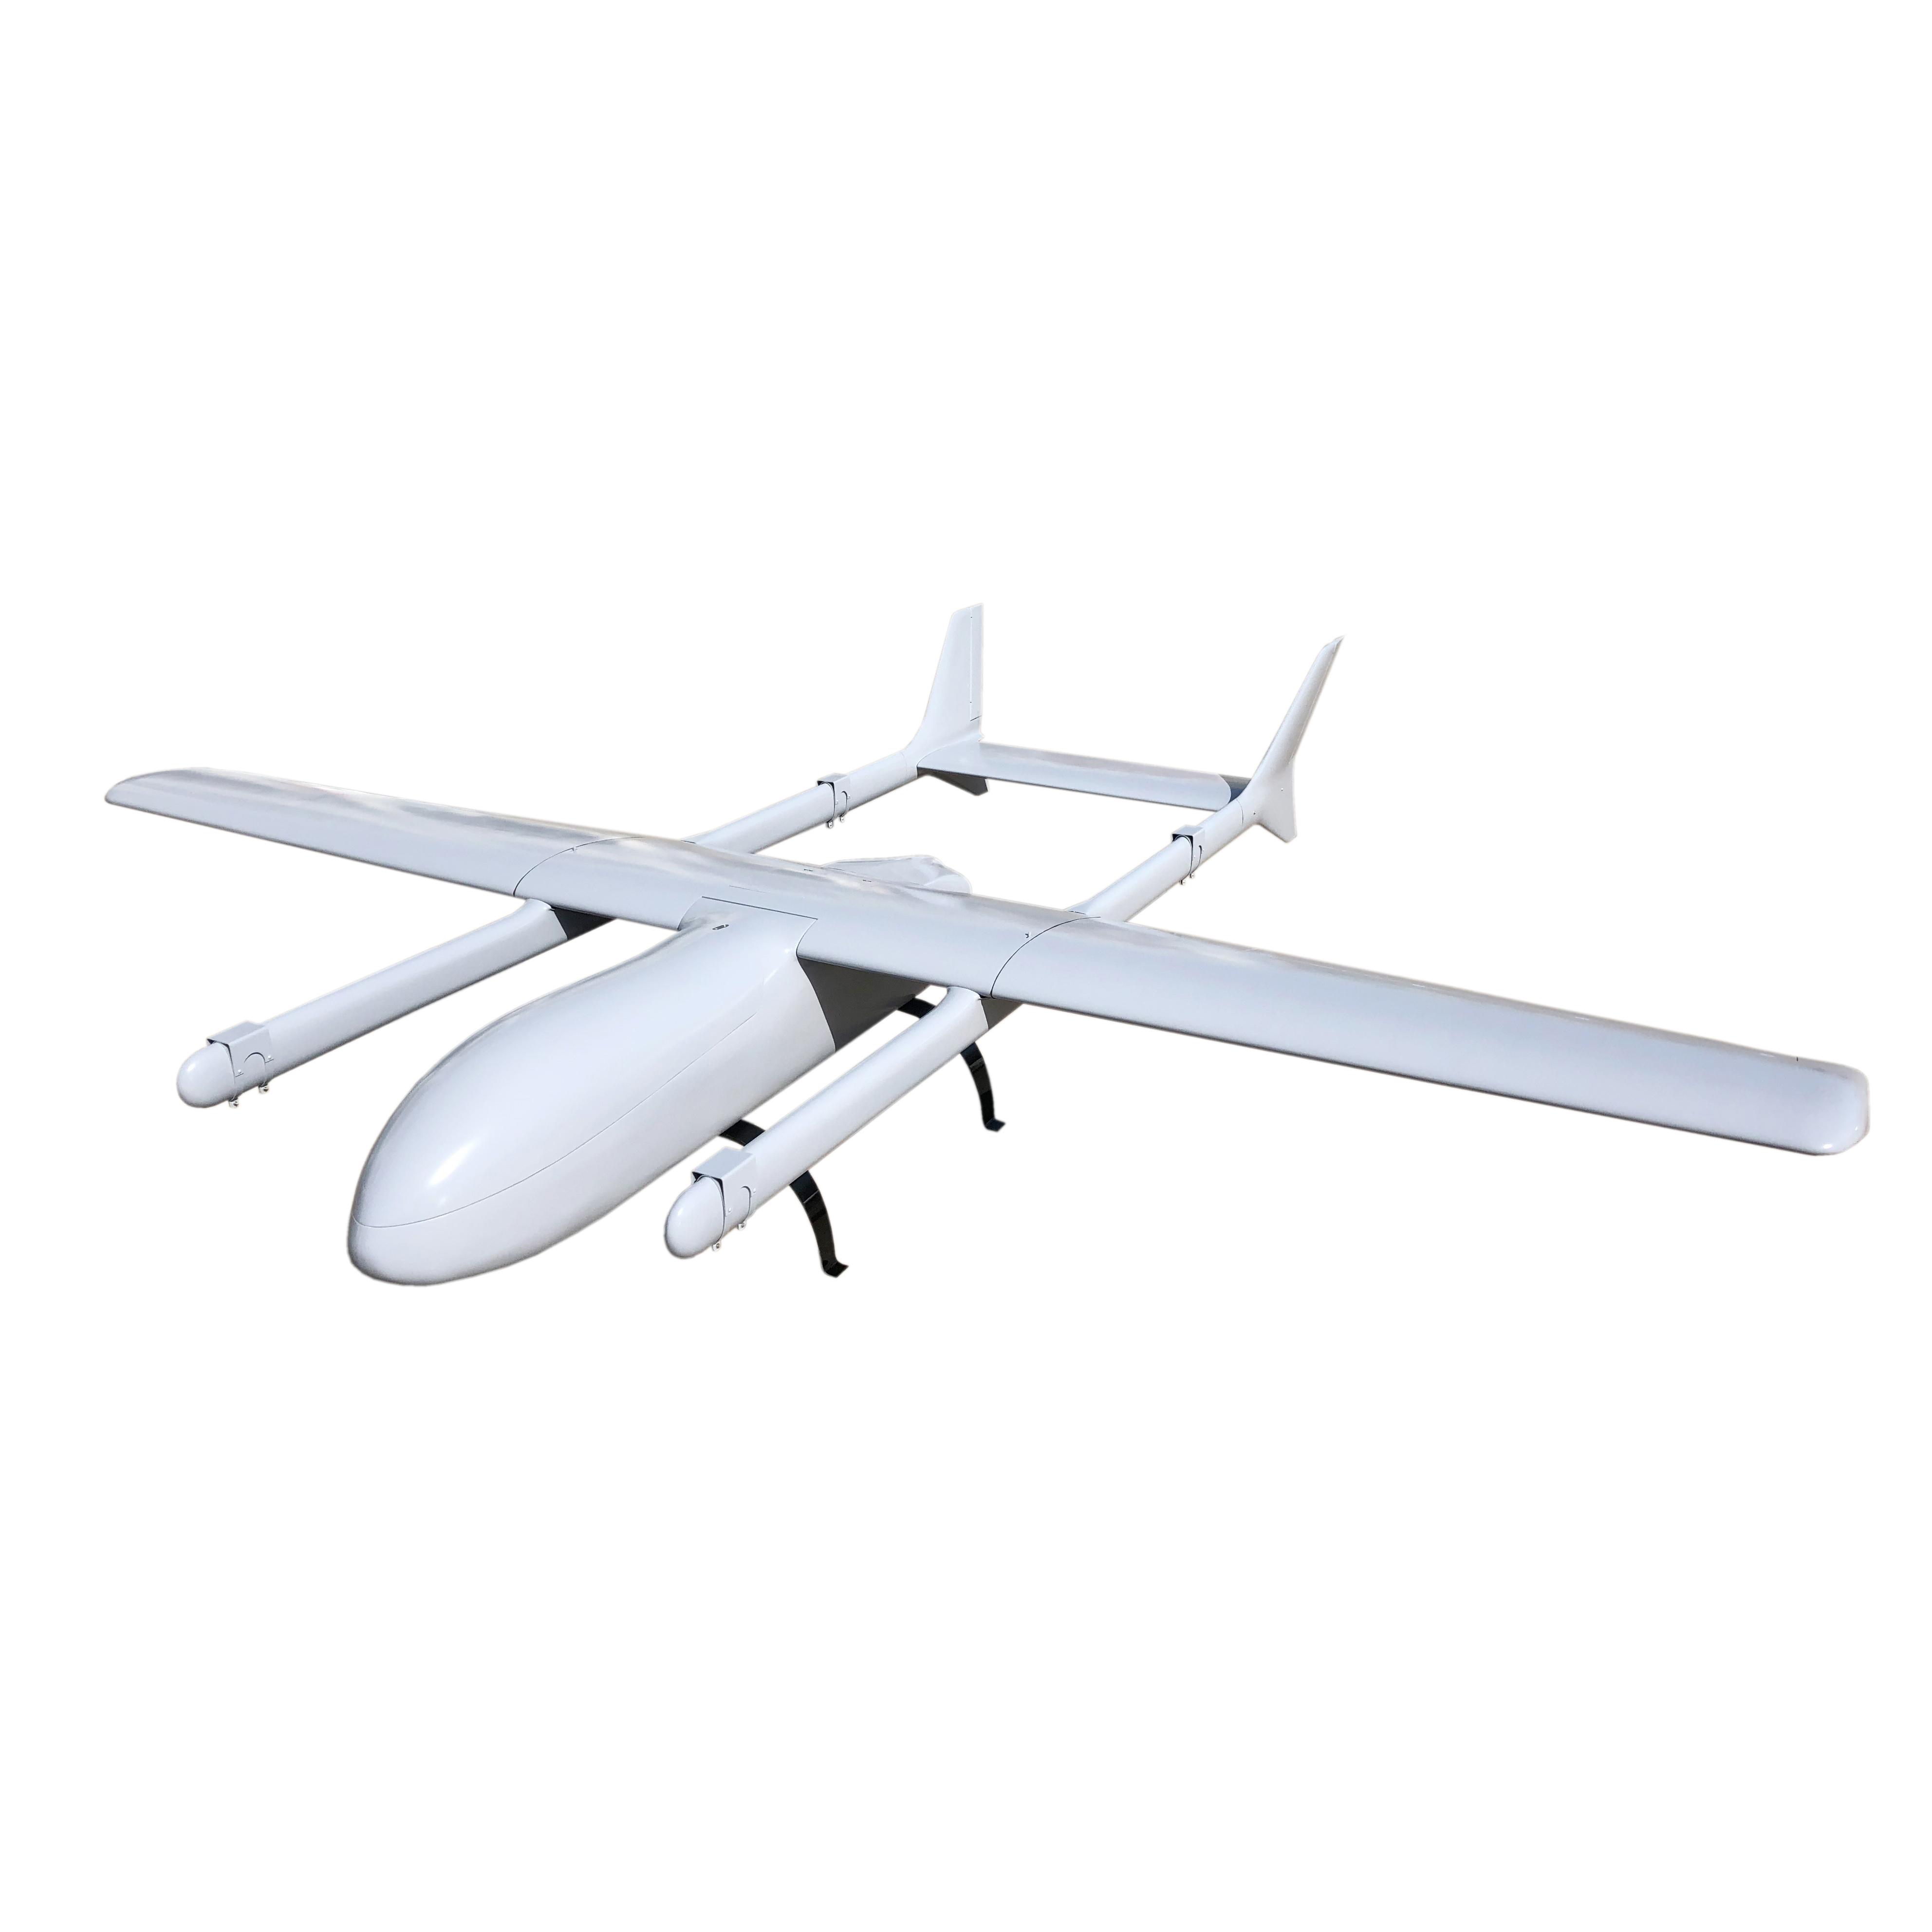 Mugin 4450 Super Huge VTOL UAV